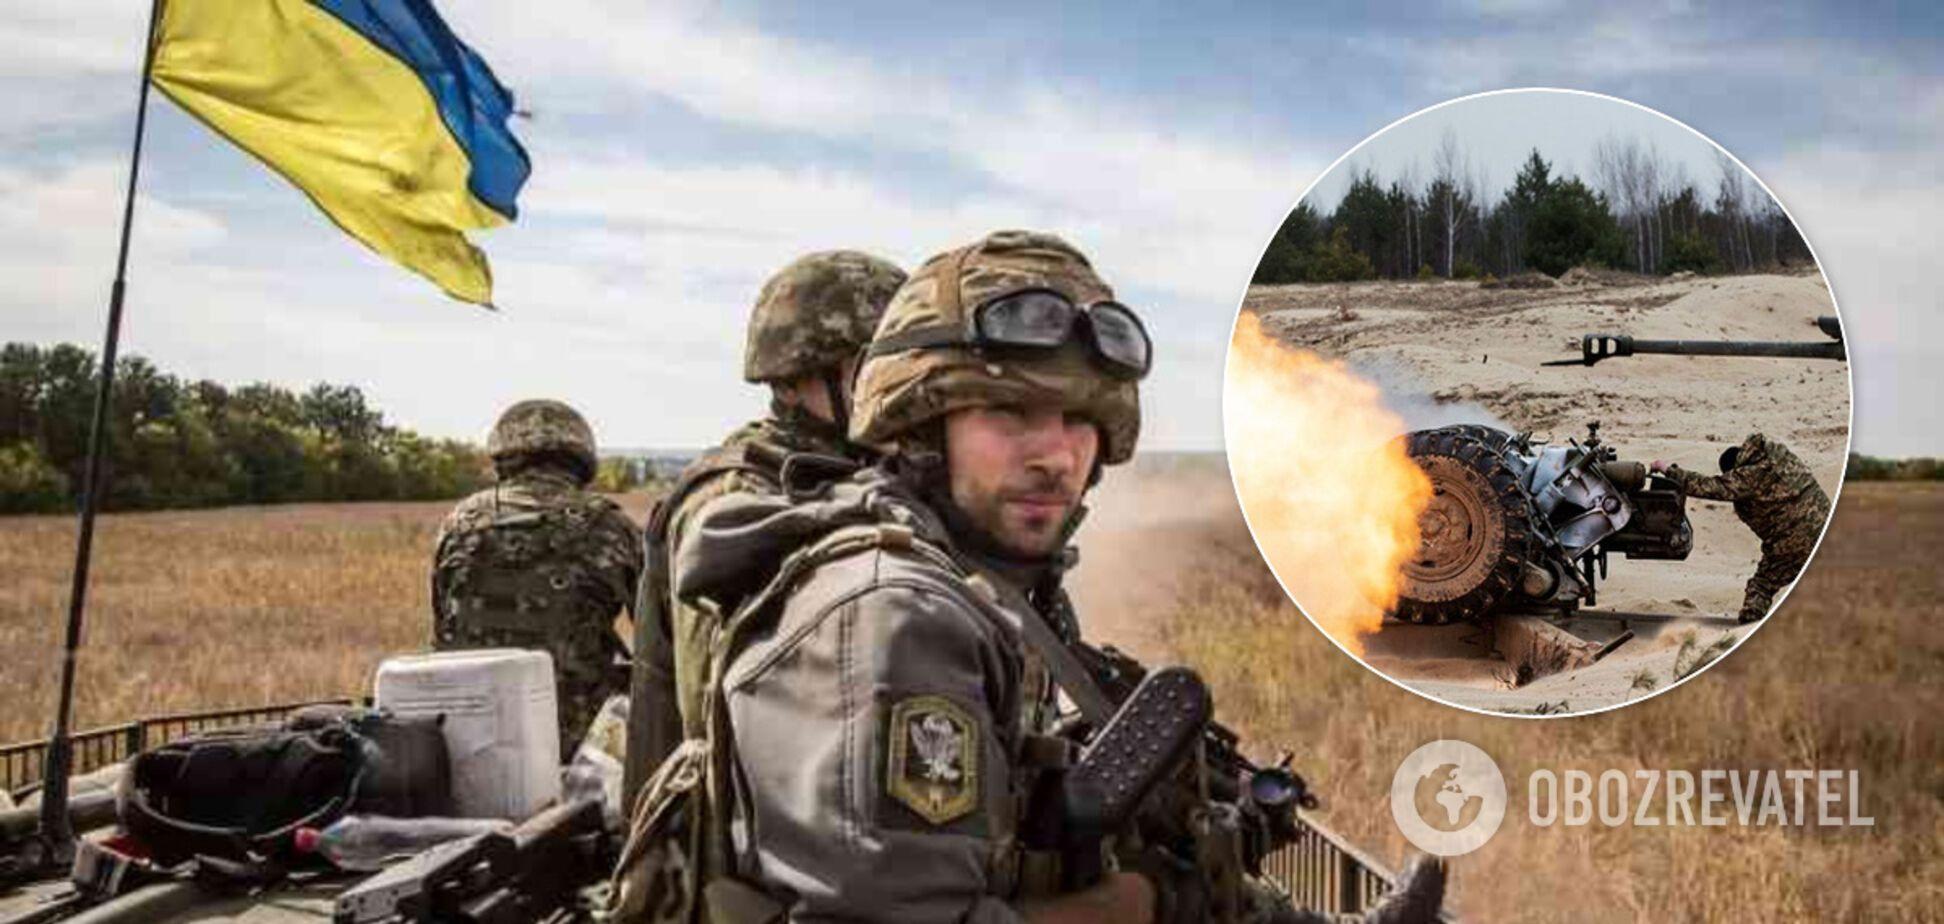 Найманці Росії напали на ЗСУ на Донбасі: є вбиті